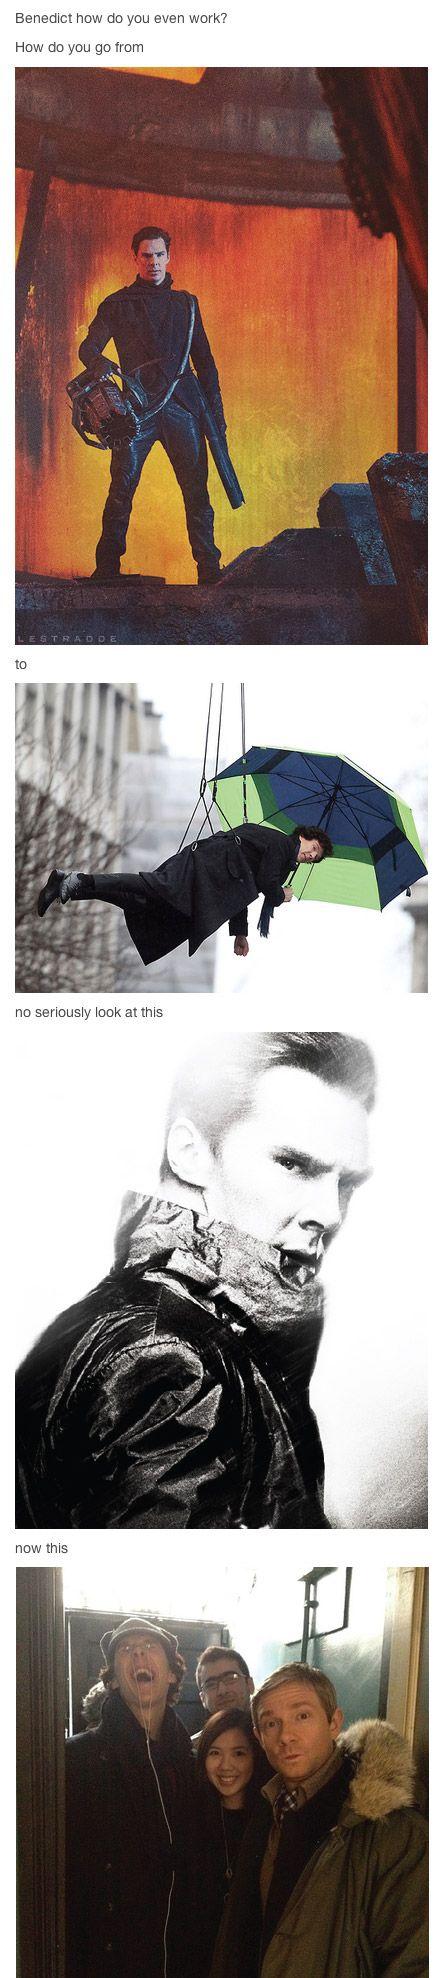 Benedict Cumberbatch, Folks.